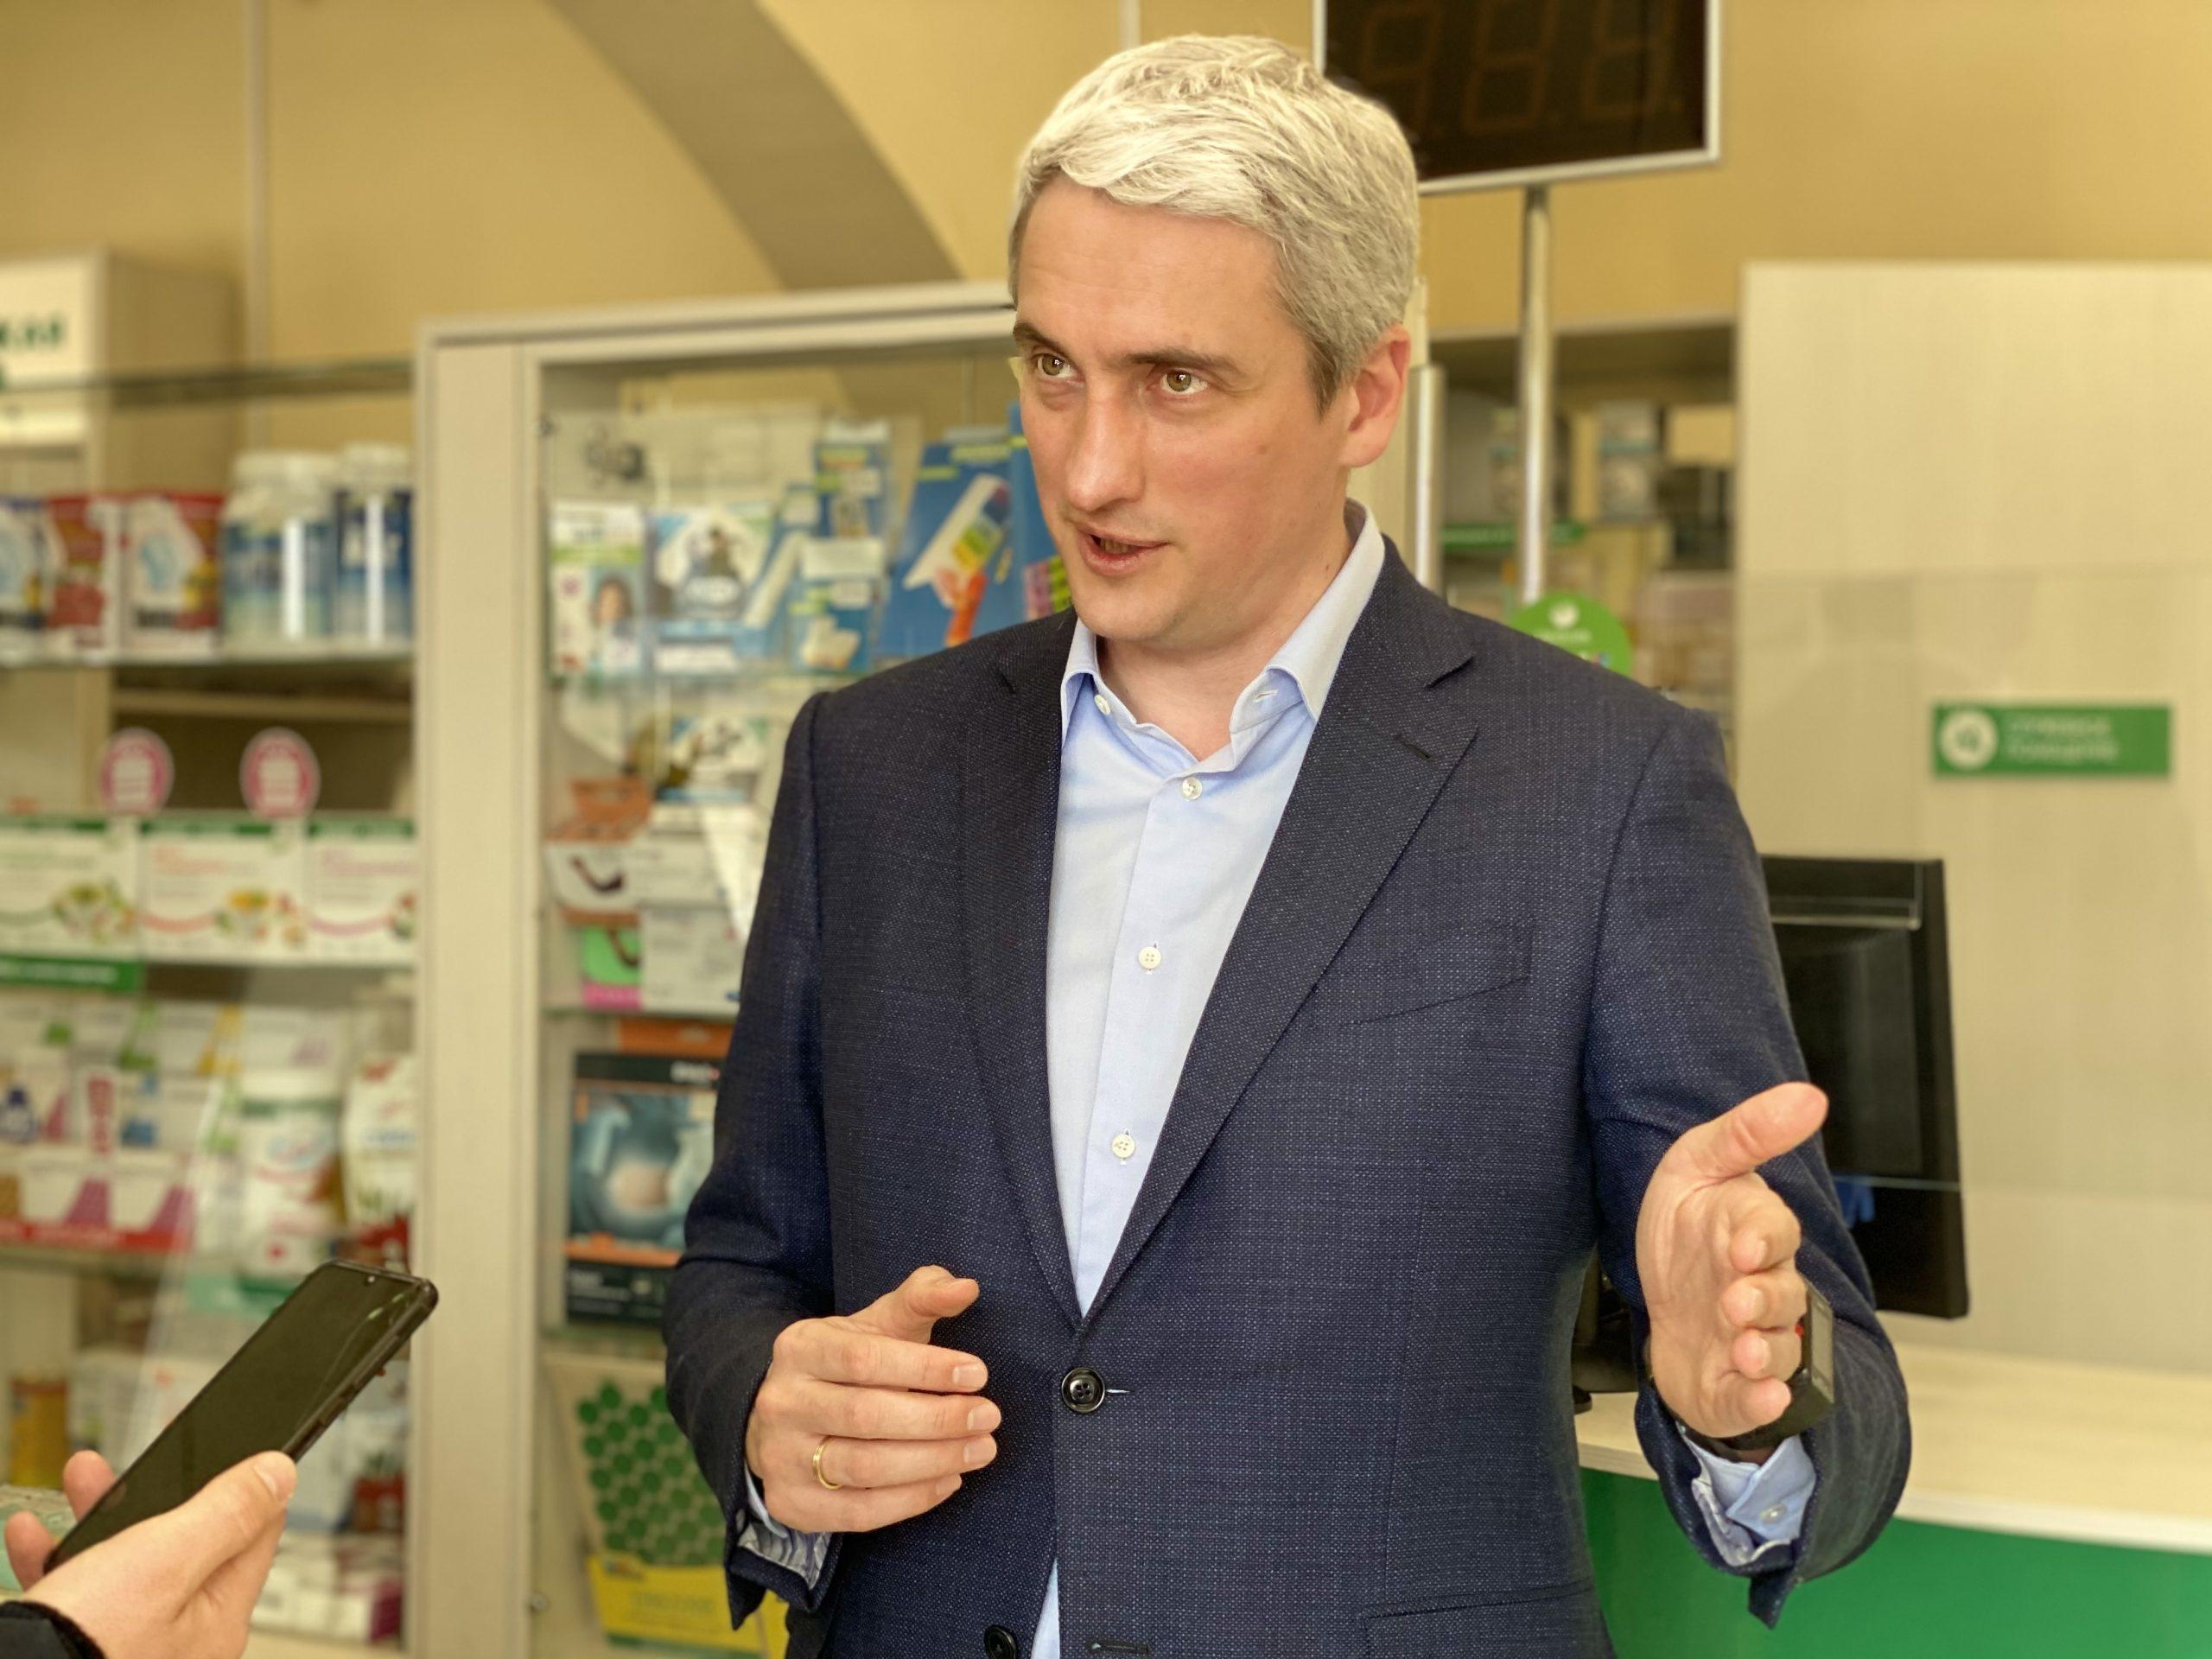 Член Общественной палаты РФ Евгений Нифантьев провел акцию по оплате лекарств пенсионерам